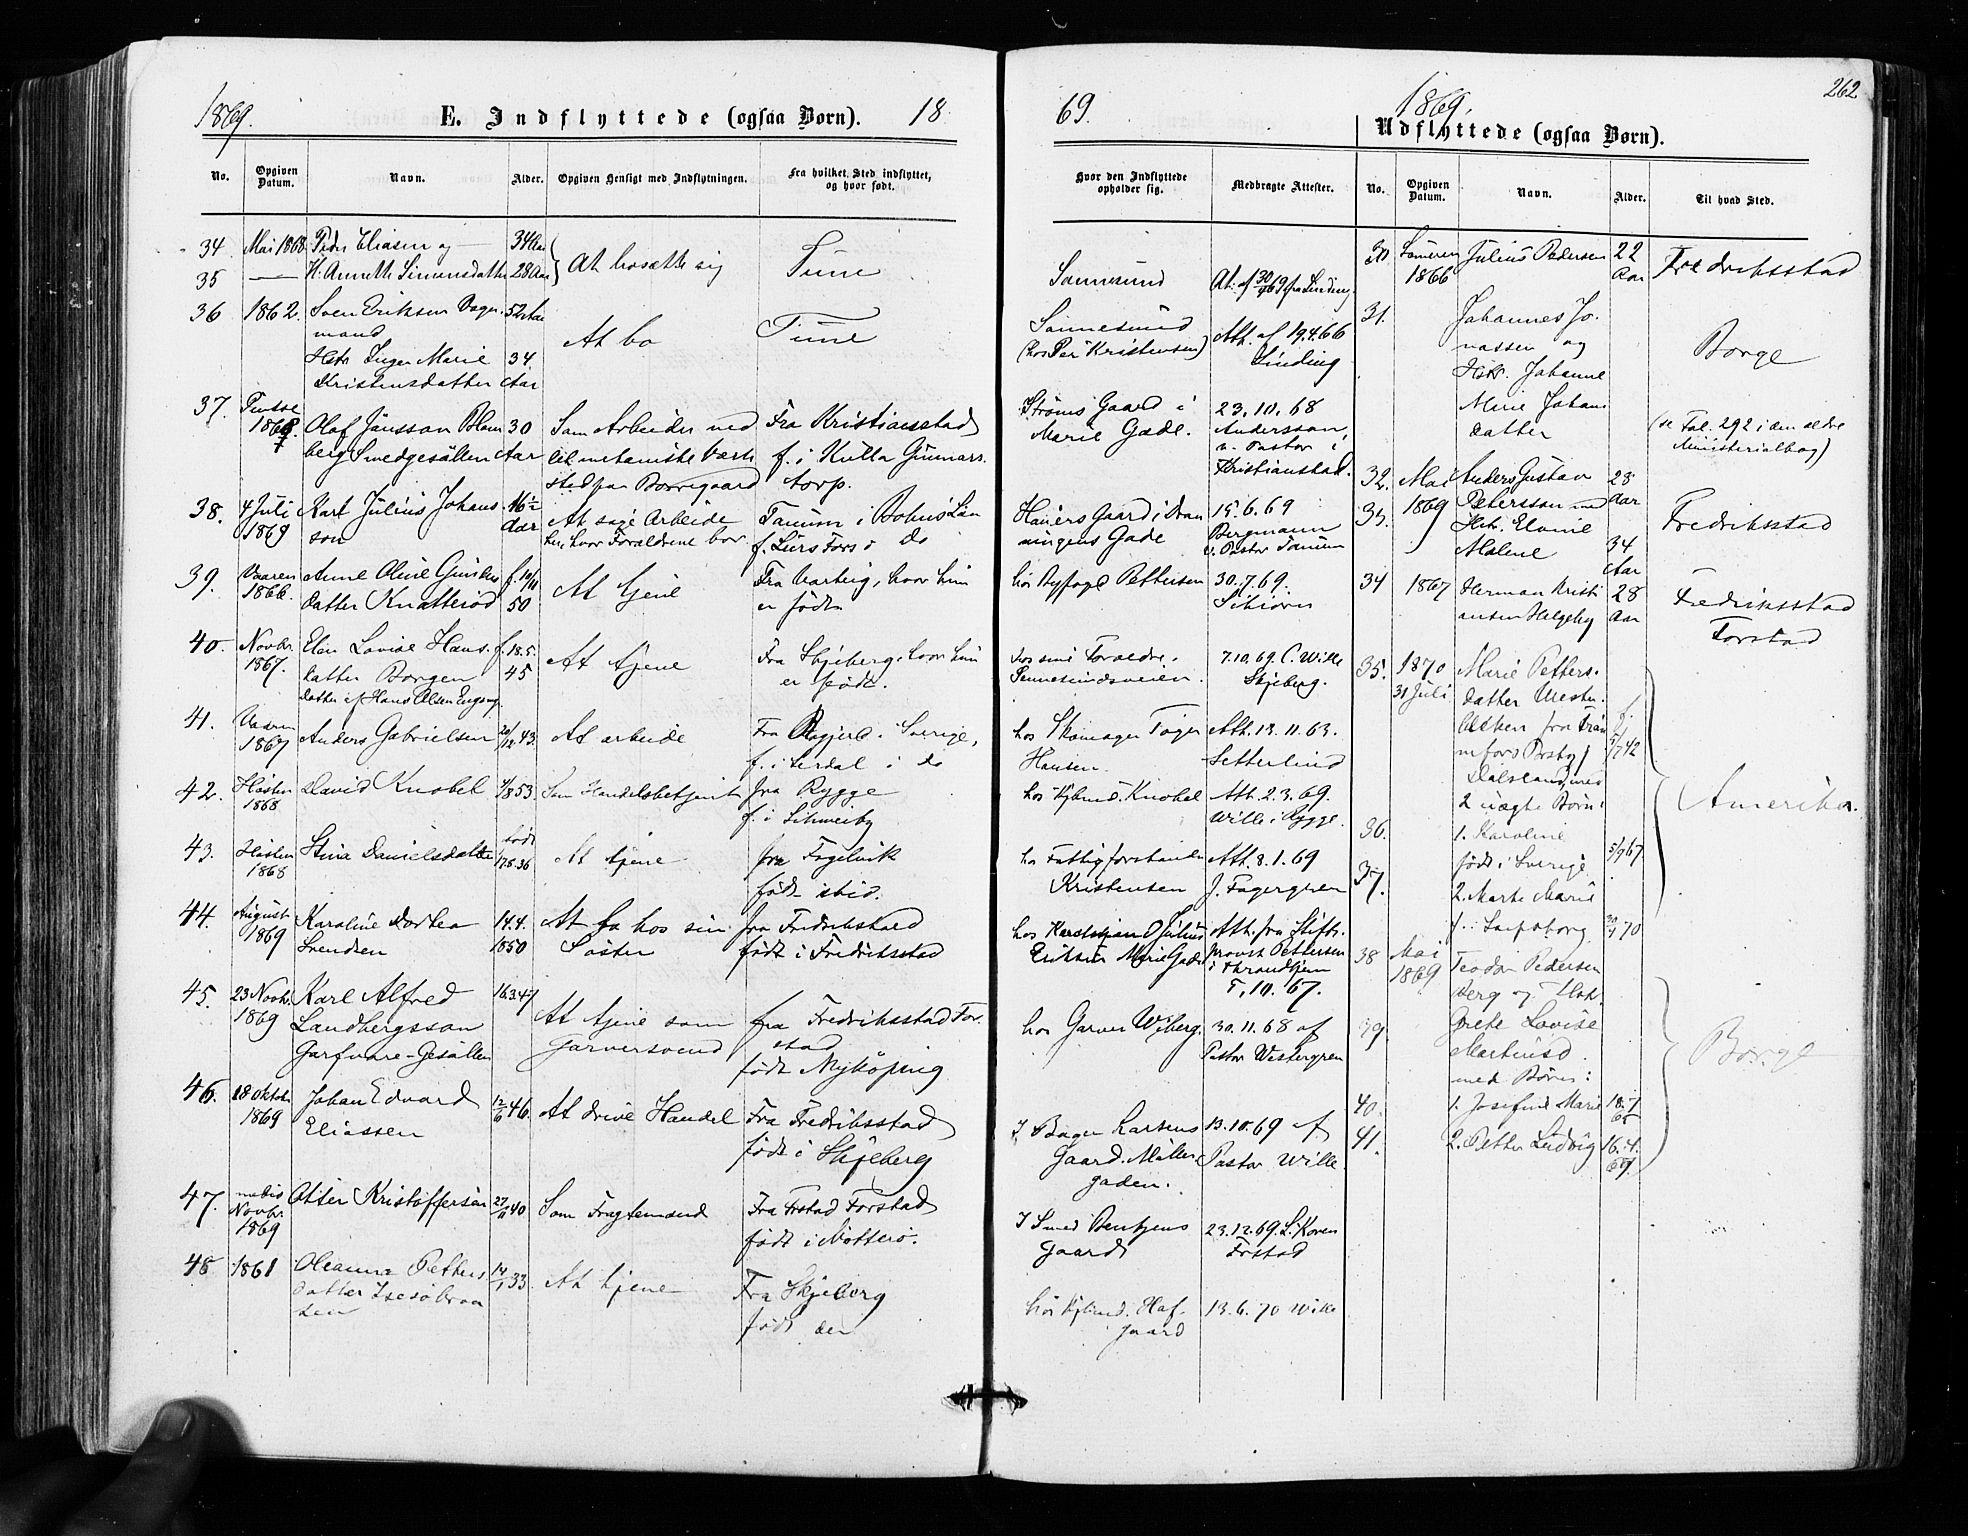 SAO, Sarpsborg prestekontor Kirkebøker, F/Fa/L0002: Ministerialbok nr. 2, 1869-1877, s. 262